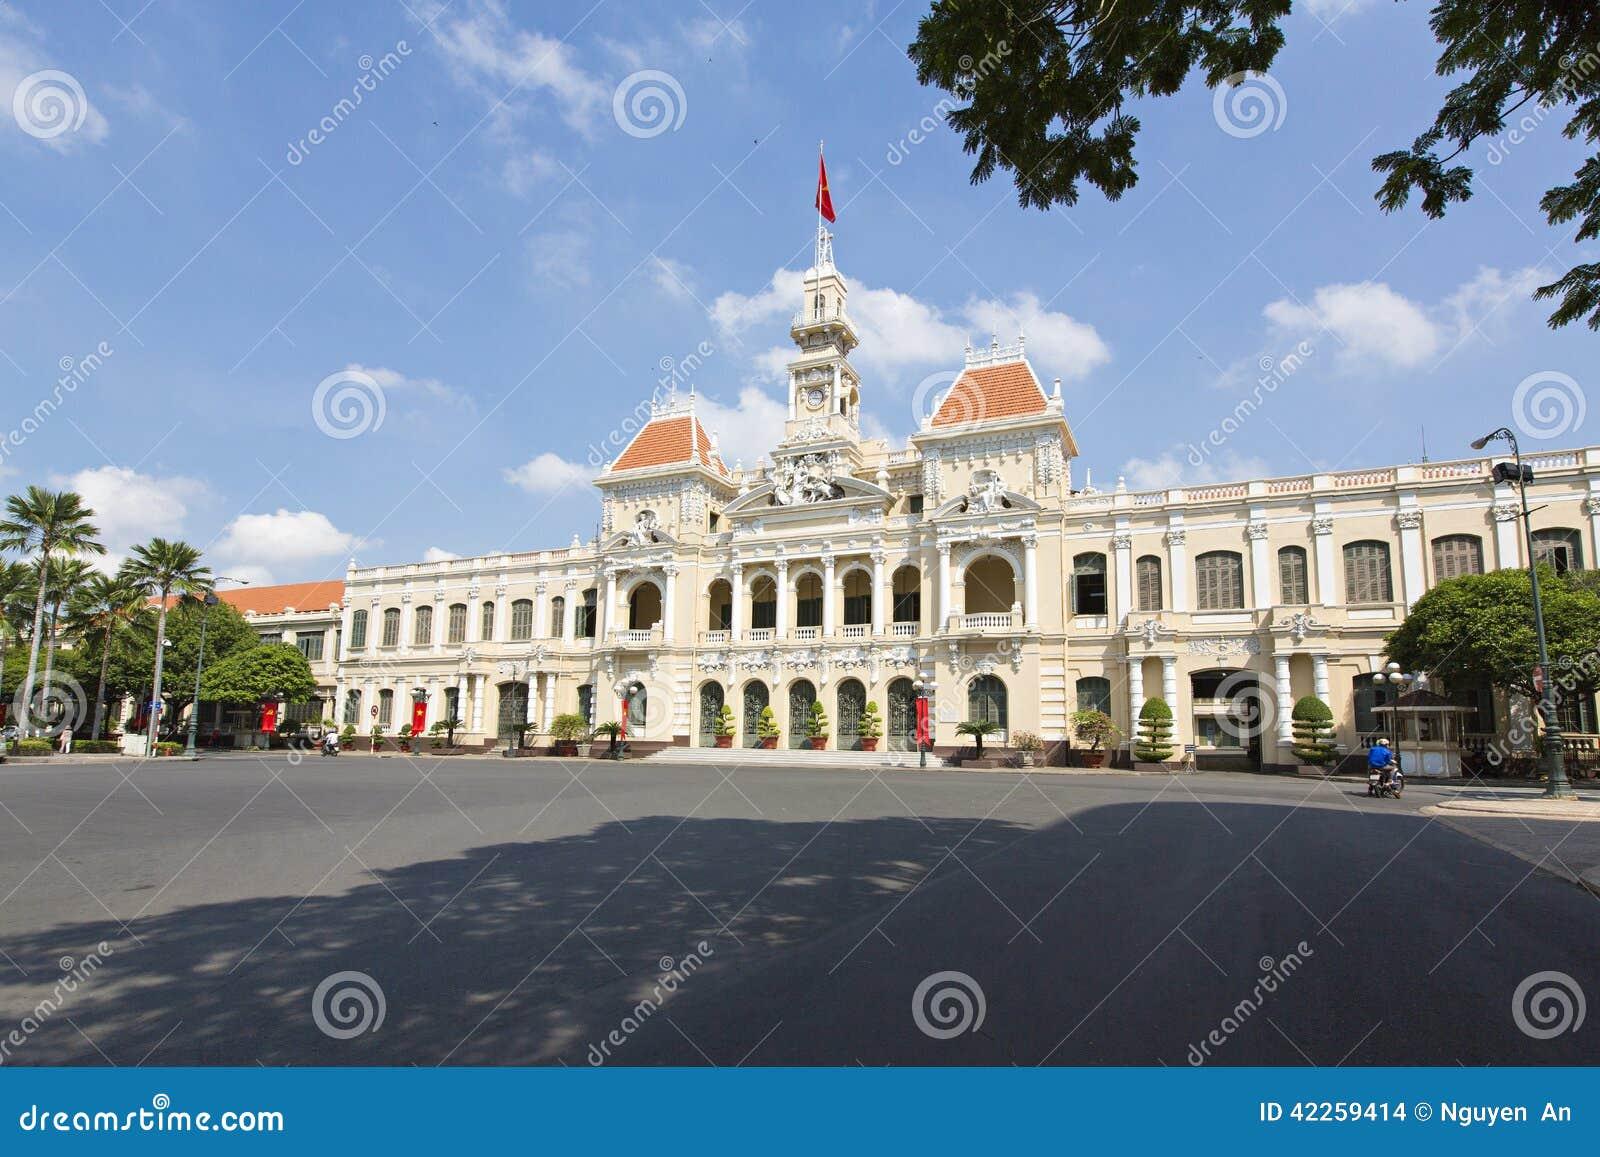 Rathaus von Ho Chi Minh City, Vietnam, südöstliches Asien (UY verbieten Nhan Dan Thanh Pho